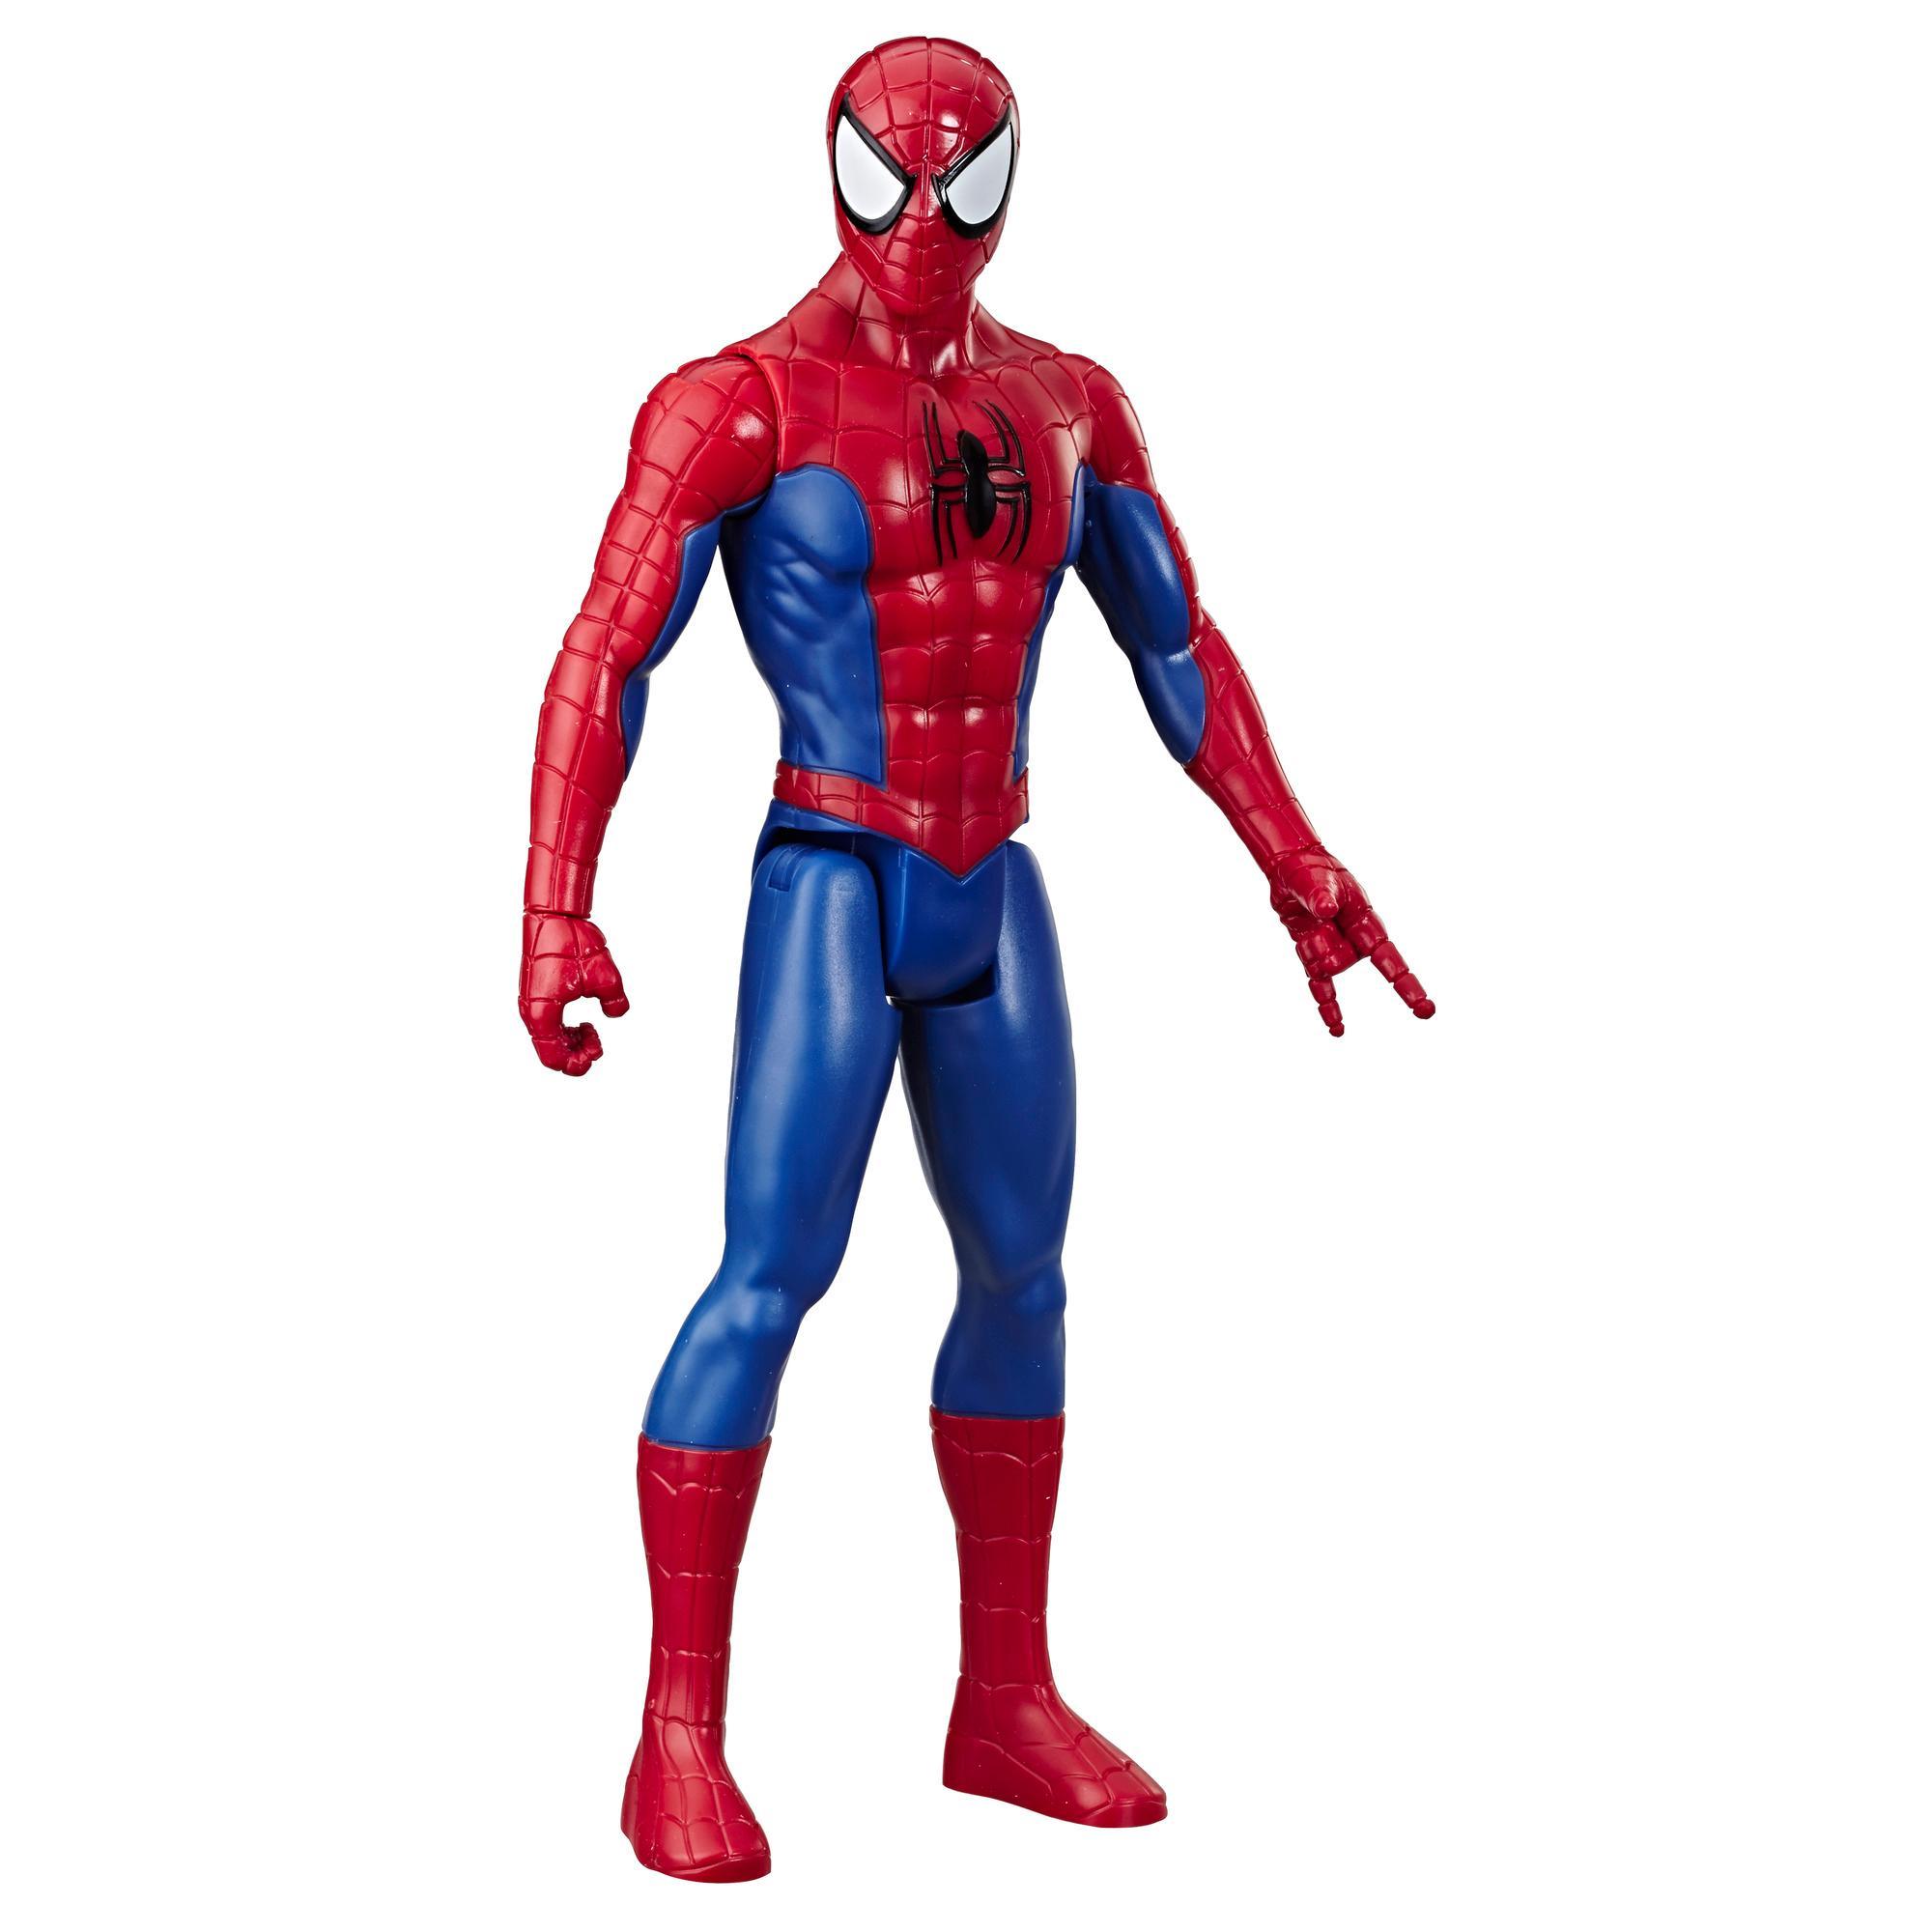 Titan Spider-Man